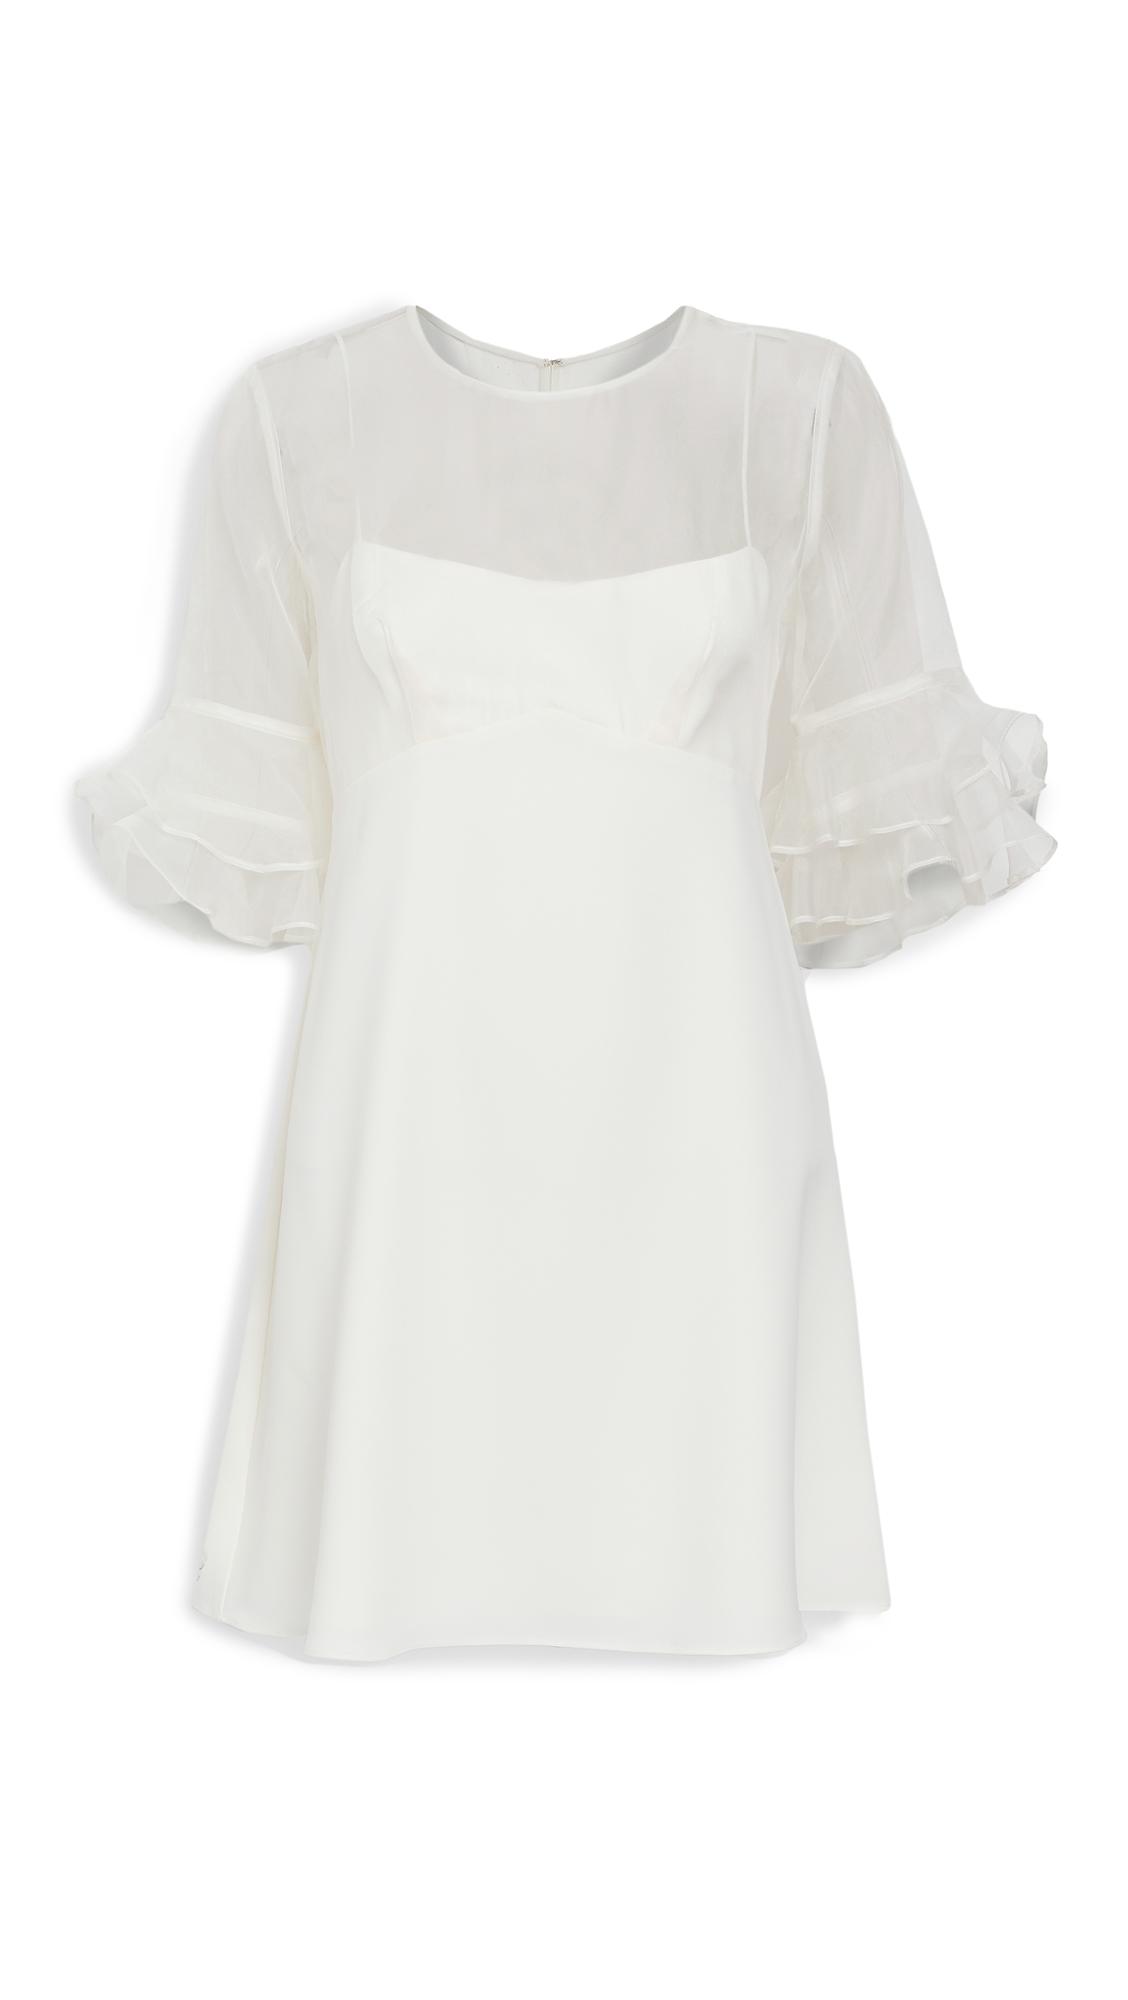 Photo of Amanda Uprichard Aveline Dress - shop Amanda Uprichard Clothing, Dresses online